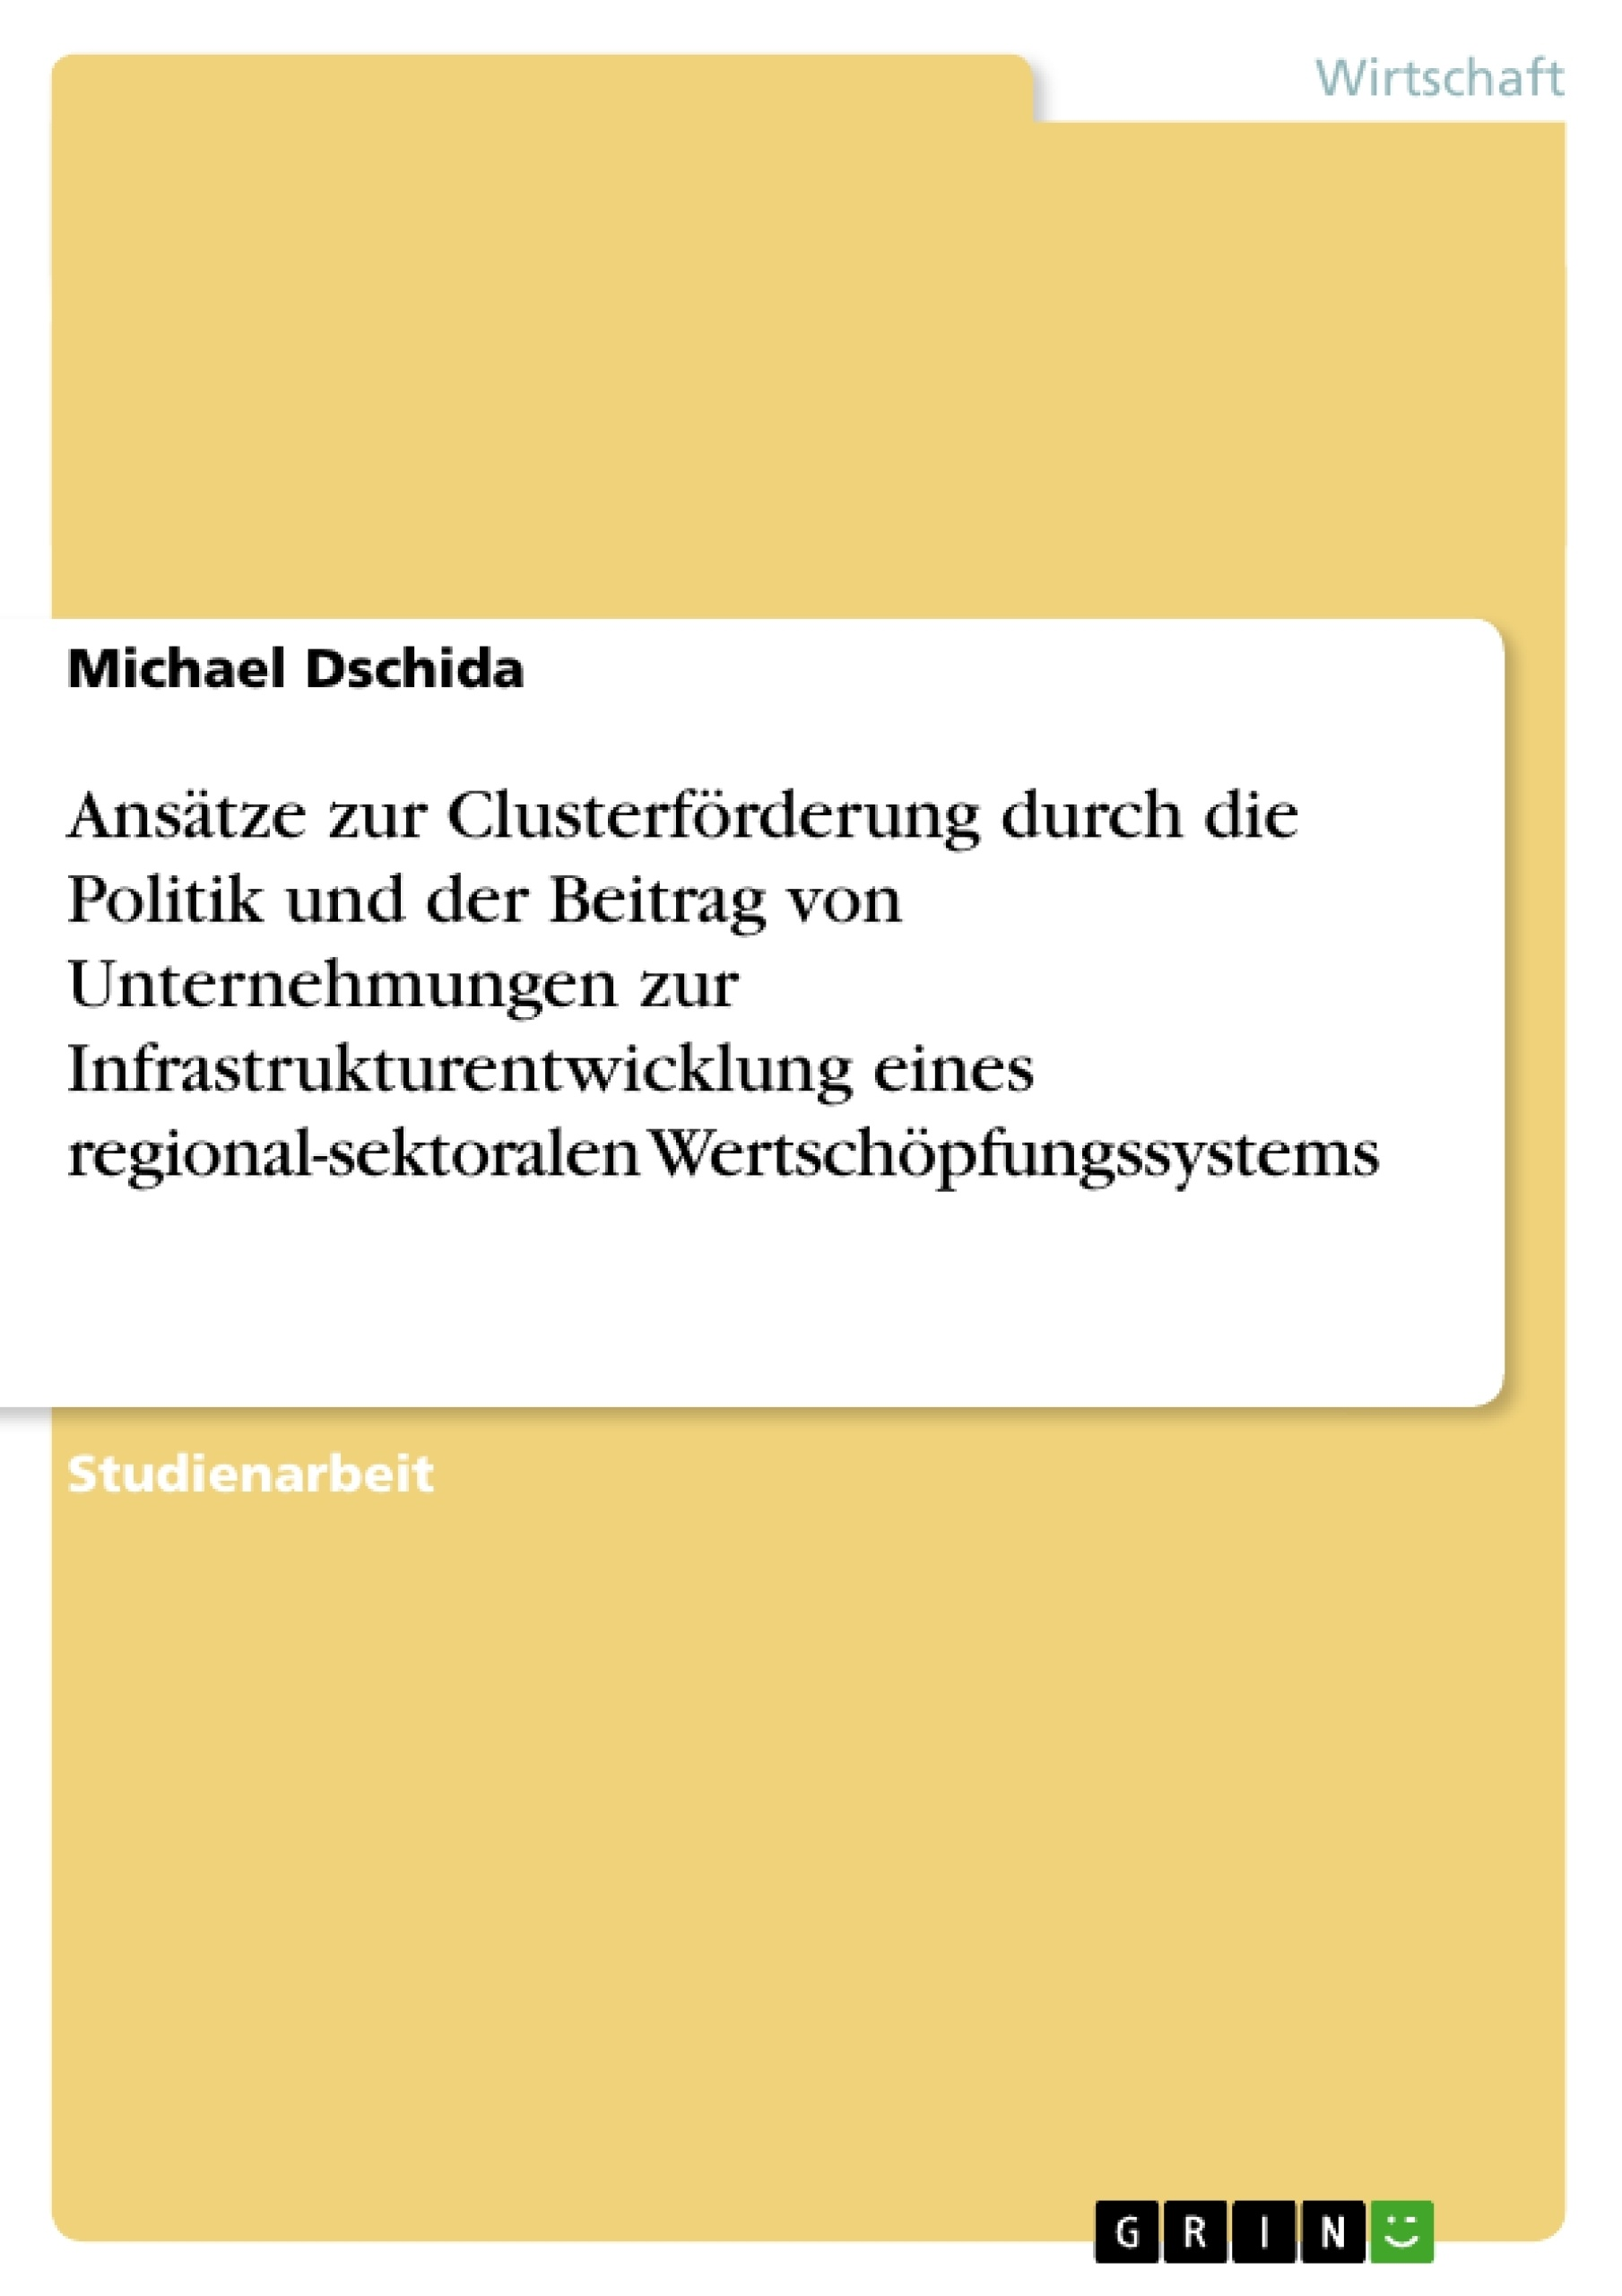 Titel: Ansätze zur Clusterförderung durch die Politik und der Beitrag von Unternehmungen zur Infrastrukturentwicklung eines regional-sektoralen Wertschöpfungssystems